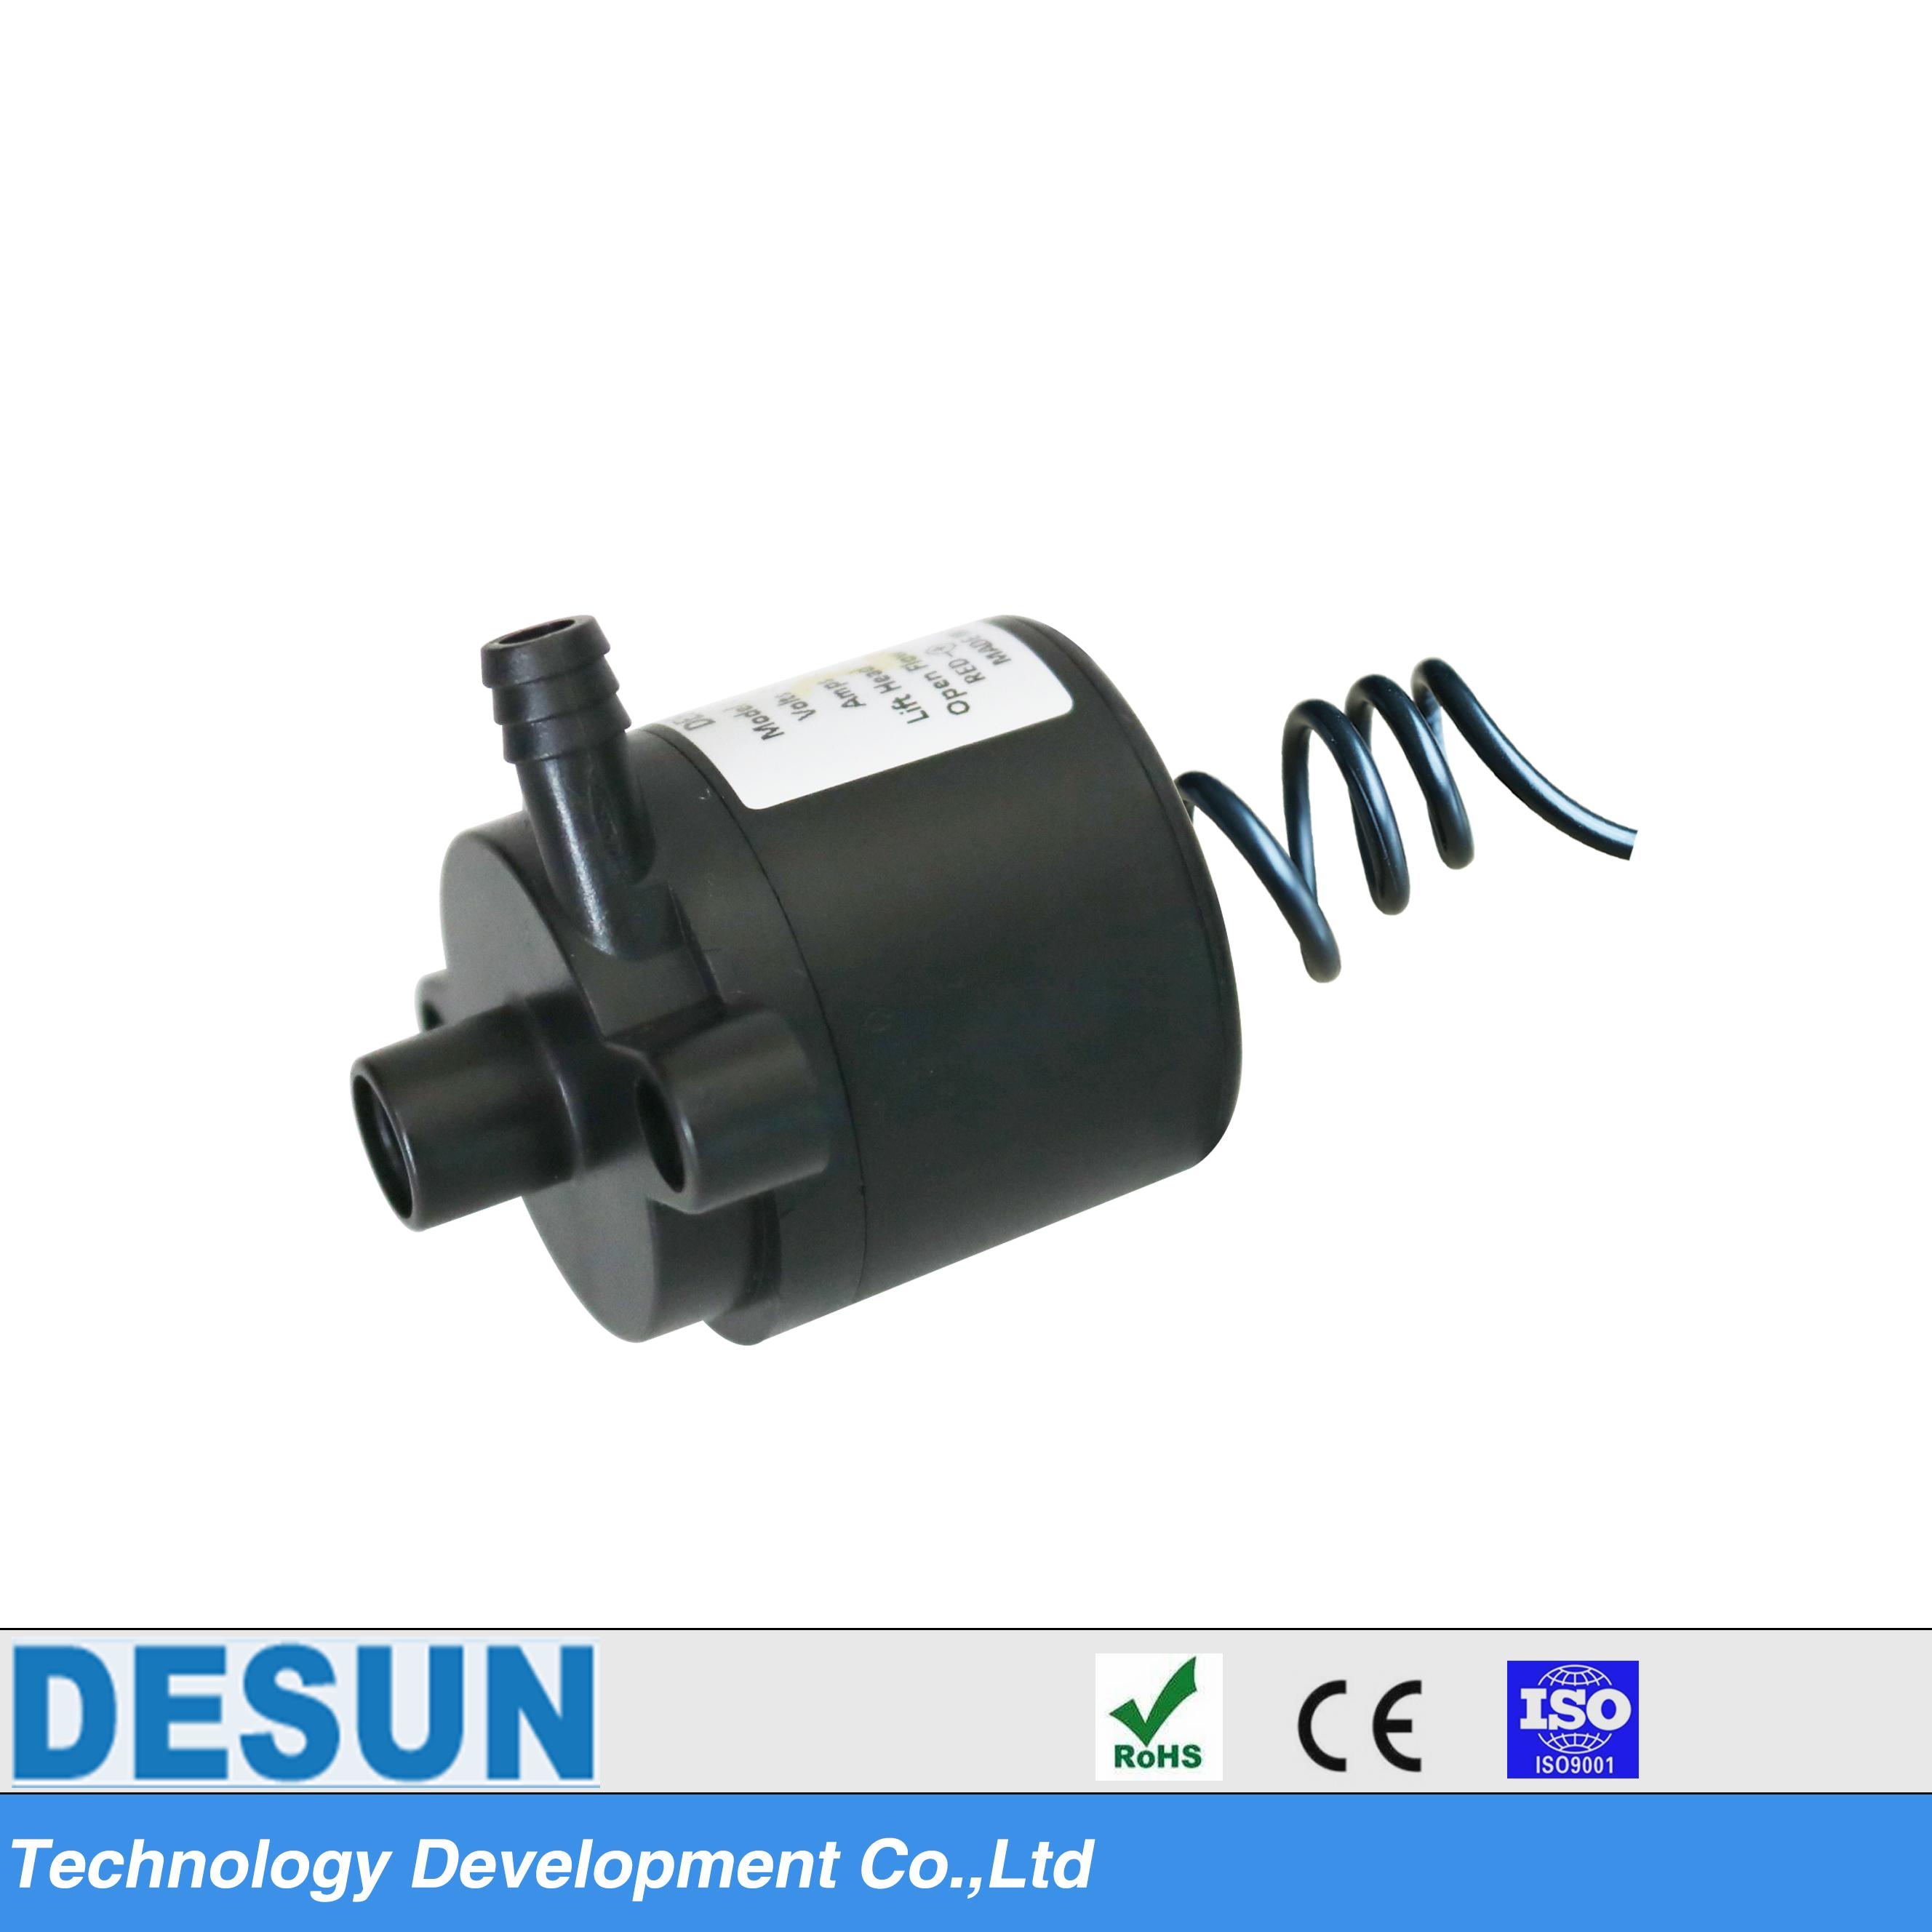 家用电器专用微型水泵DS3303